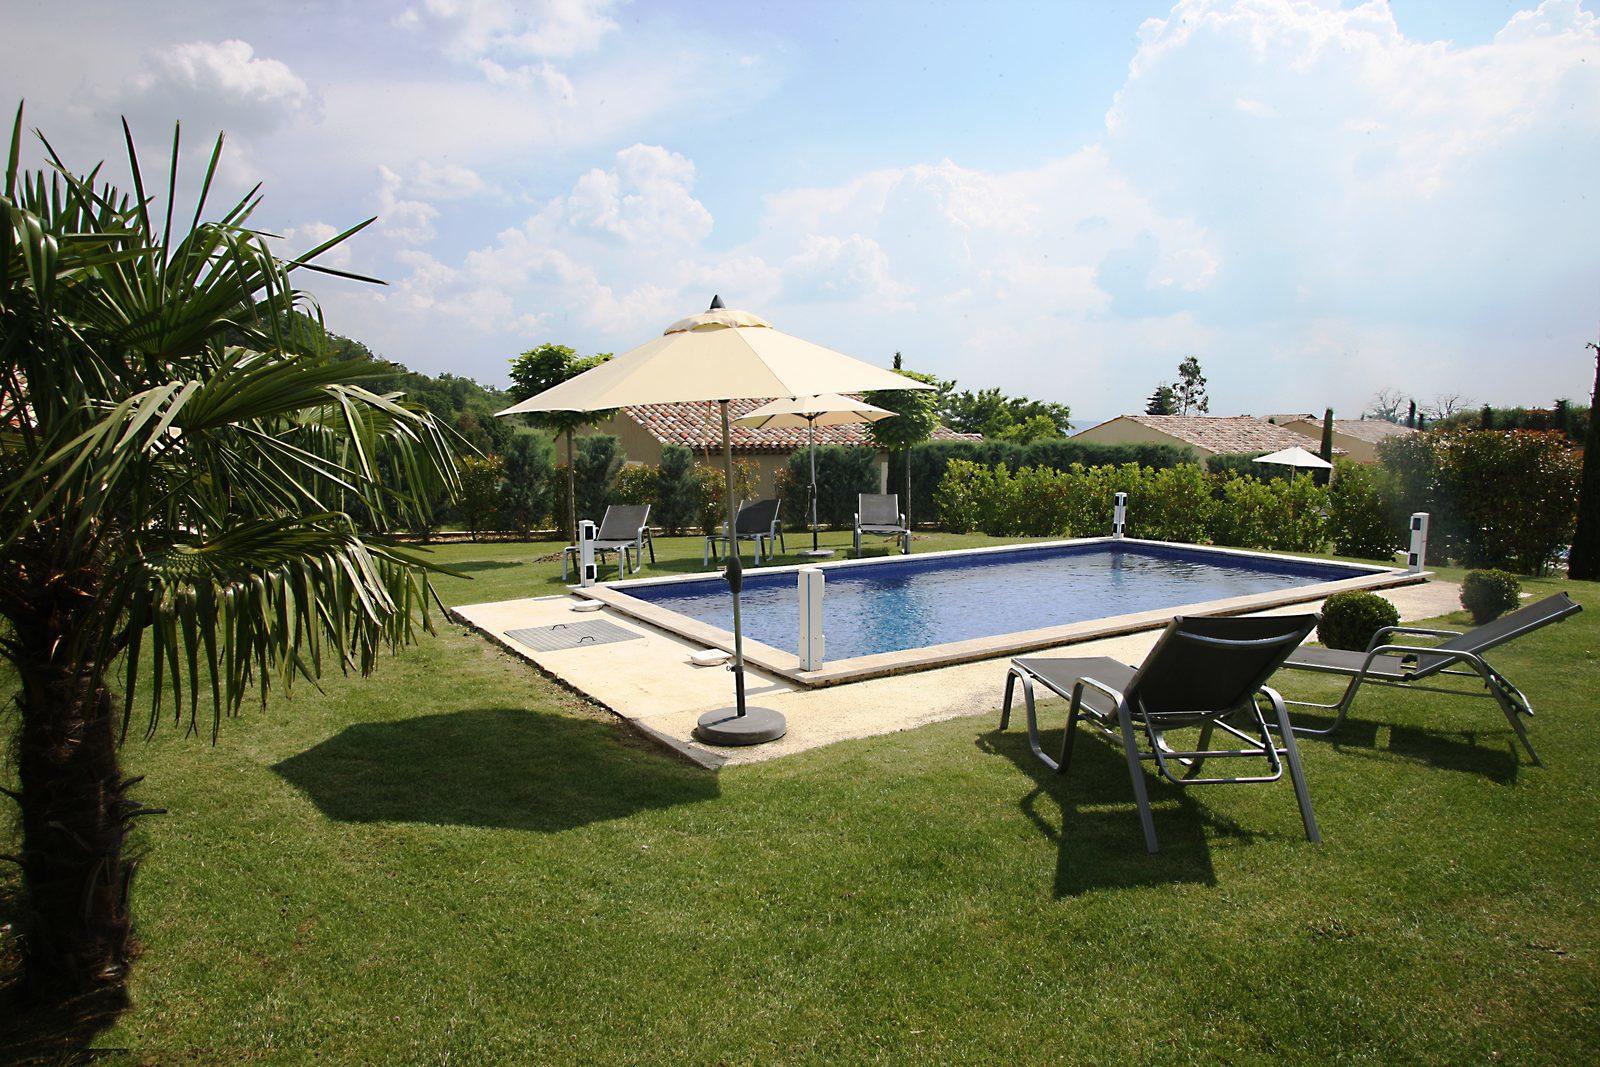 Frankrijk, Provence, Forcalquier, luxe vakantievilla, zwembad, natuur, familie, vakantie